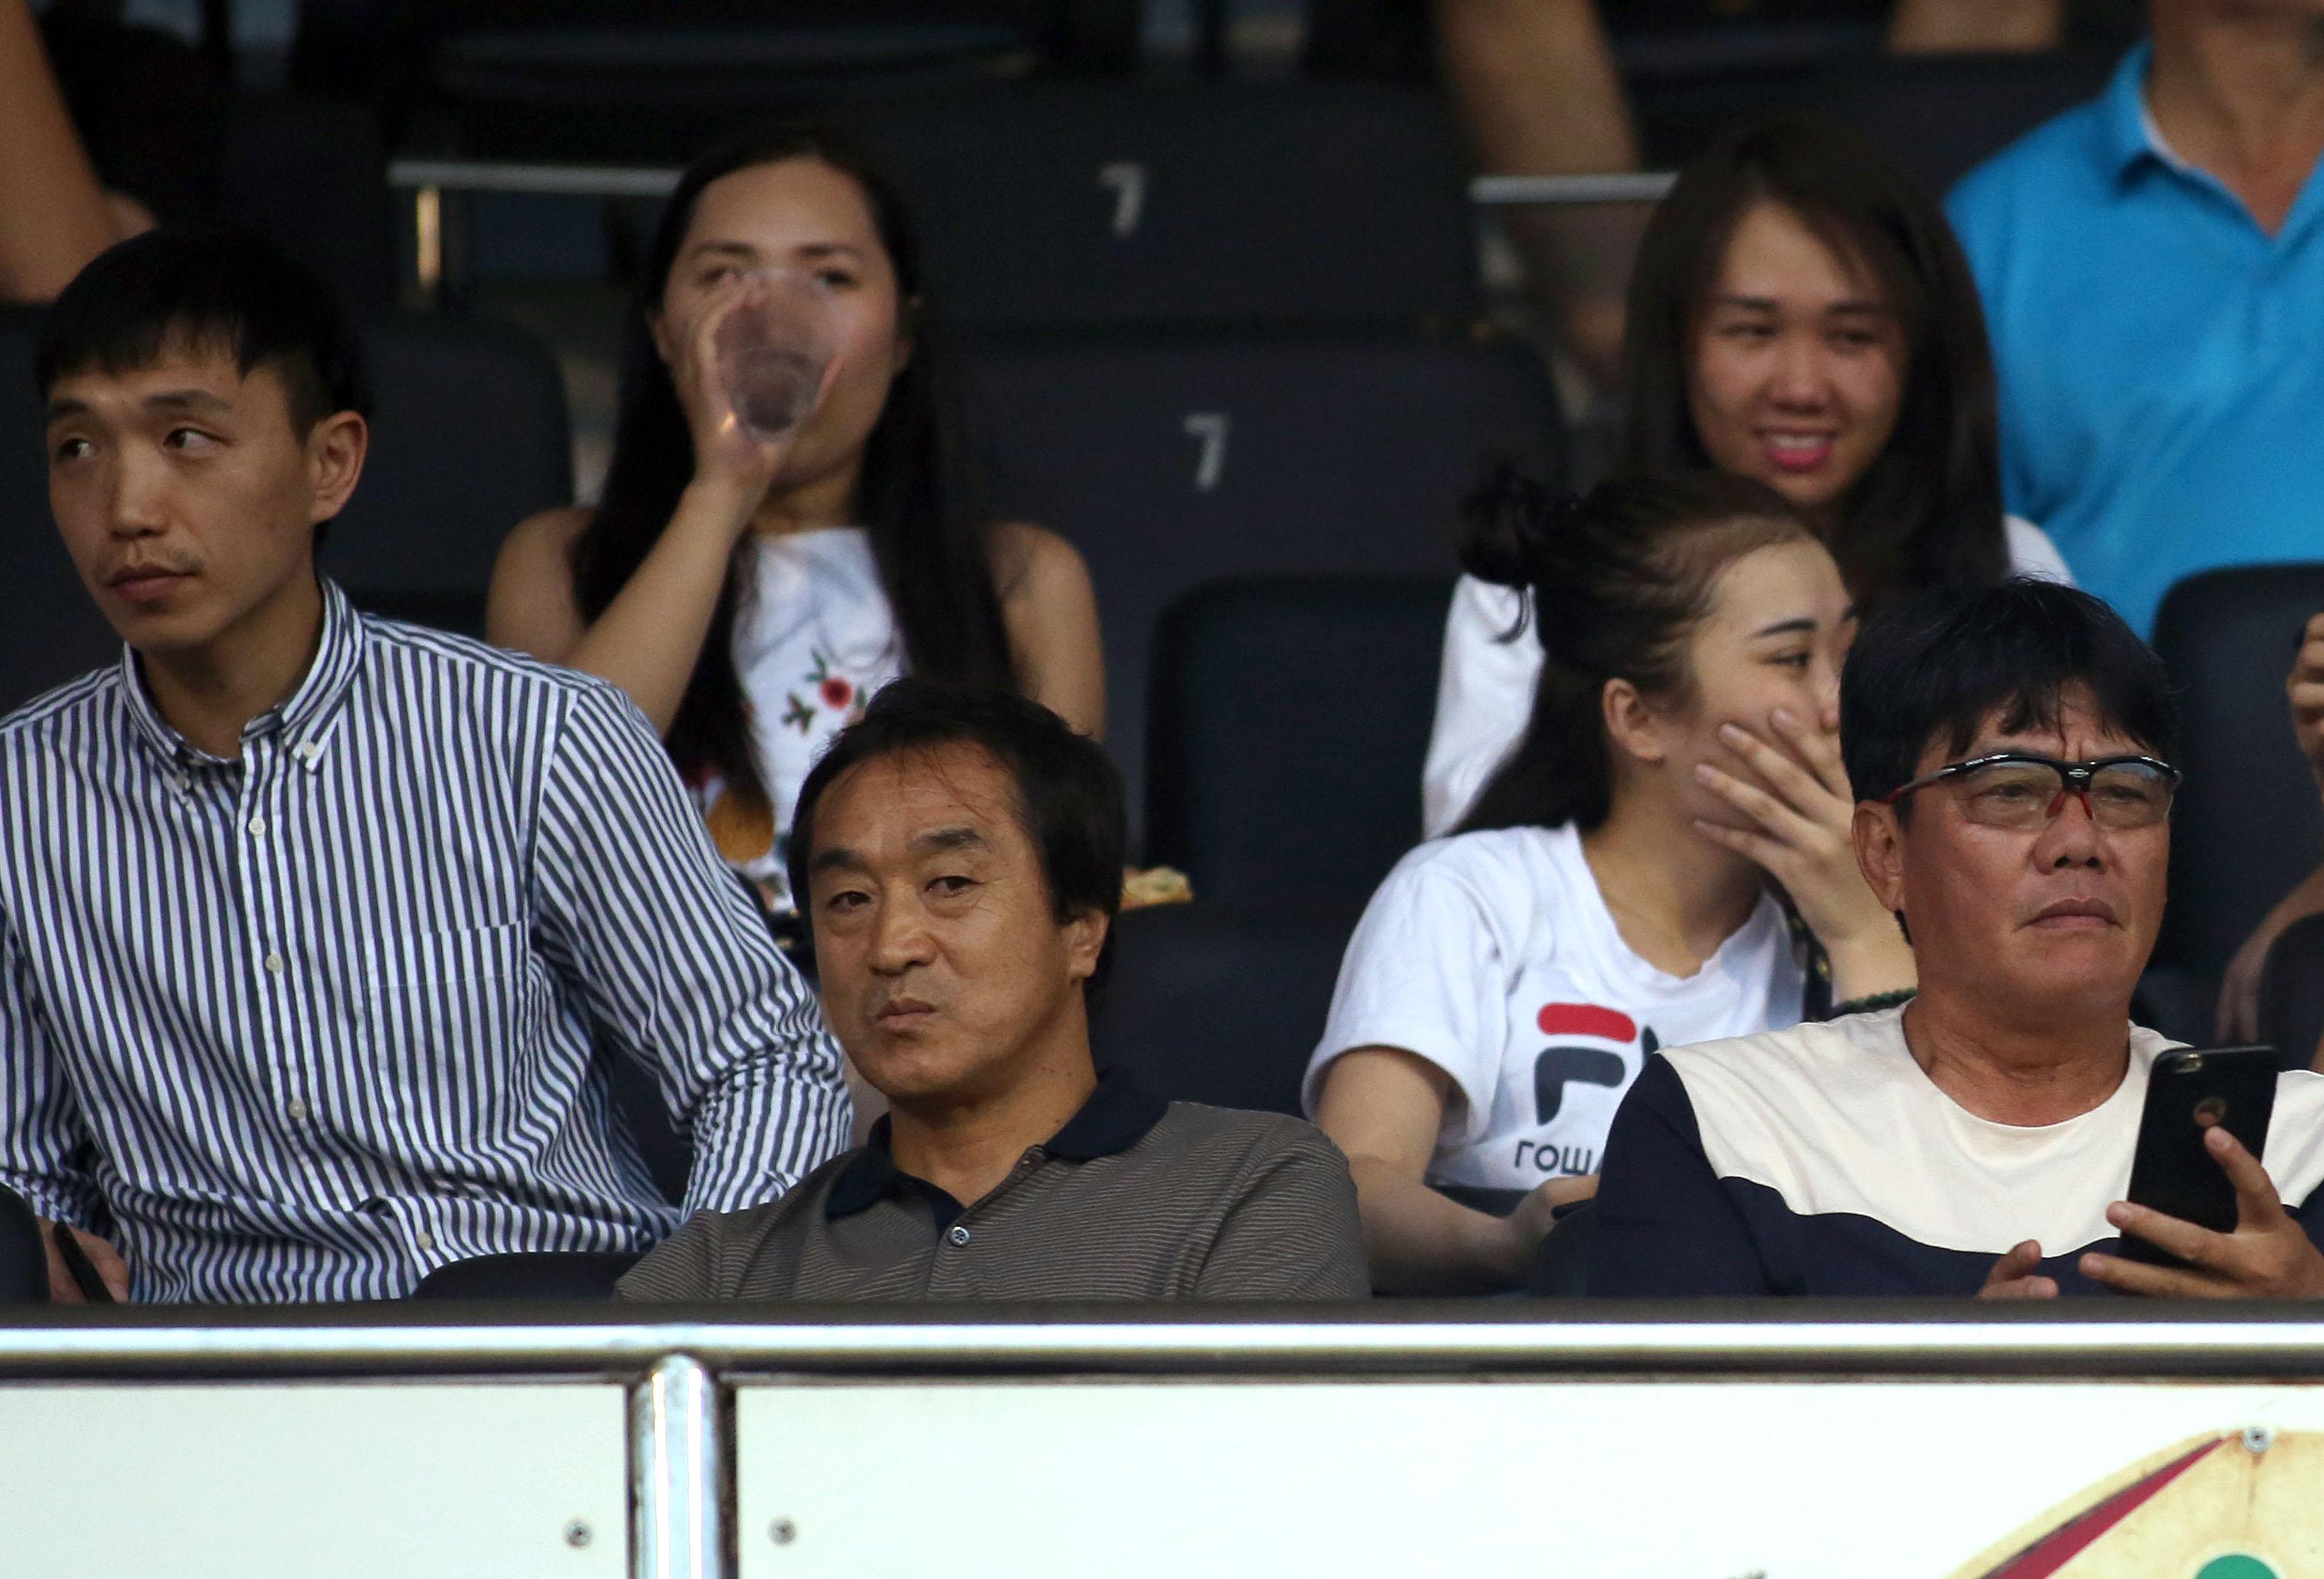 Trợ lý HLV đội tuyển VN xem trận derby của bóng đá TP.HCM